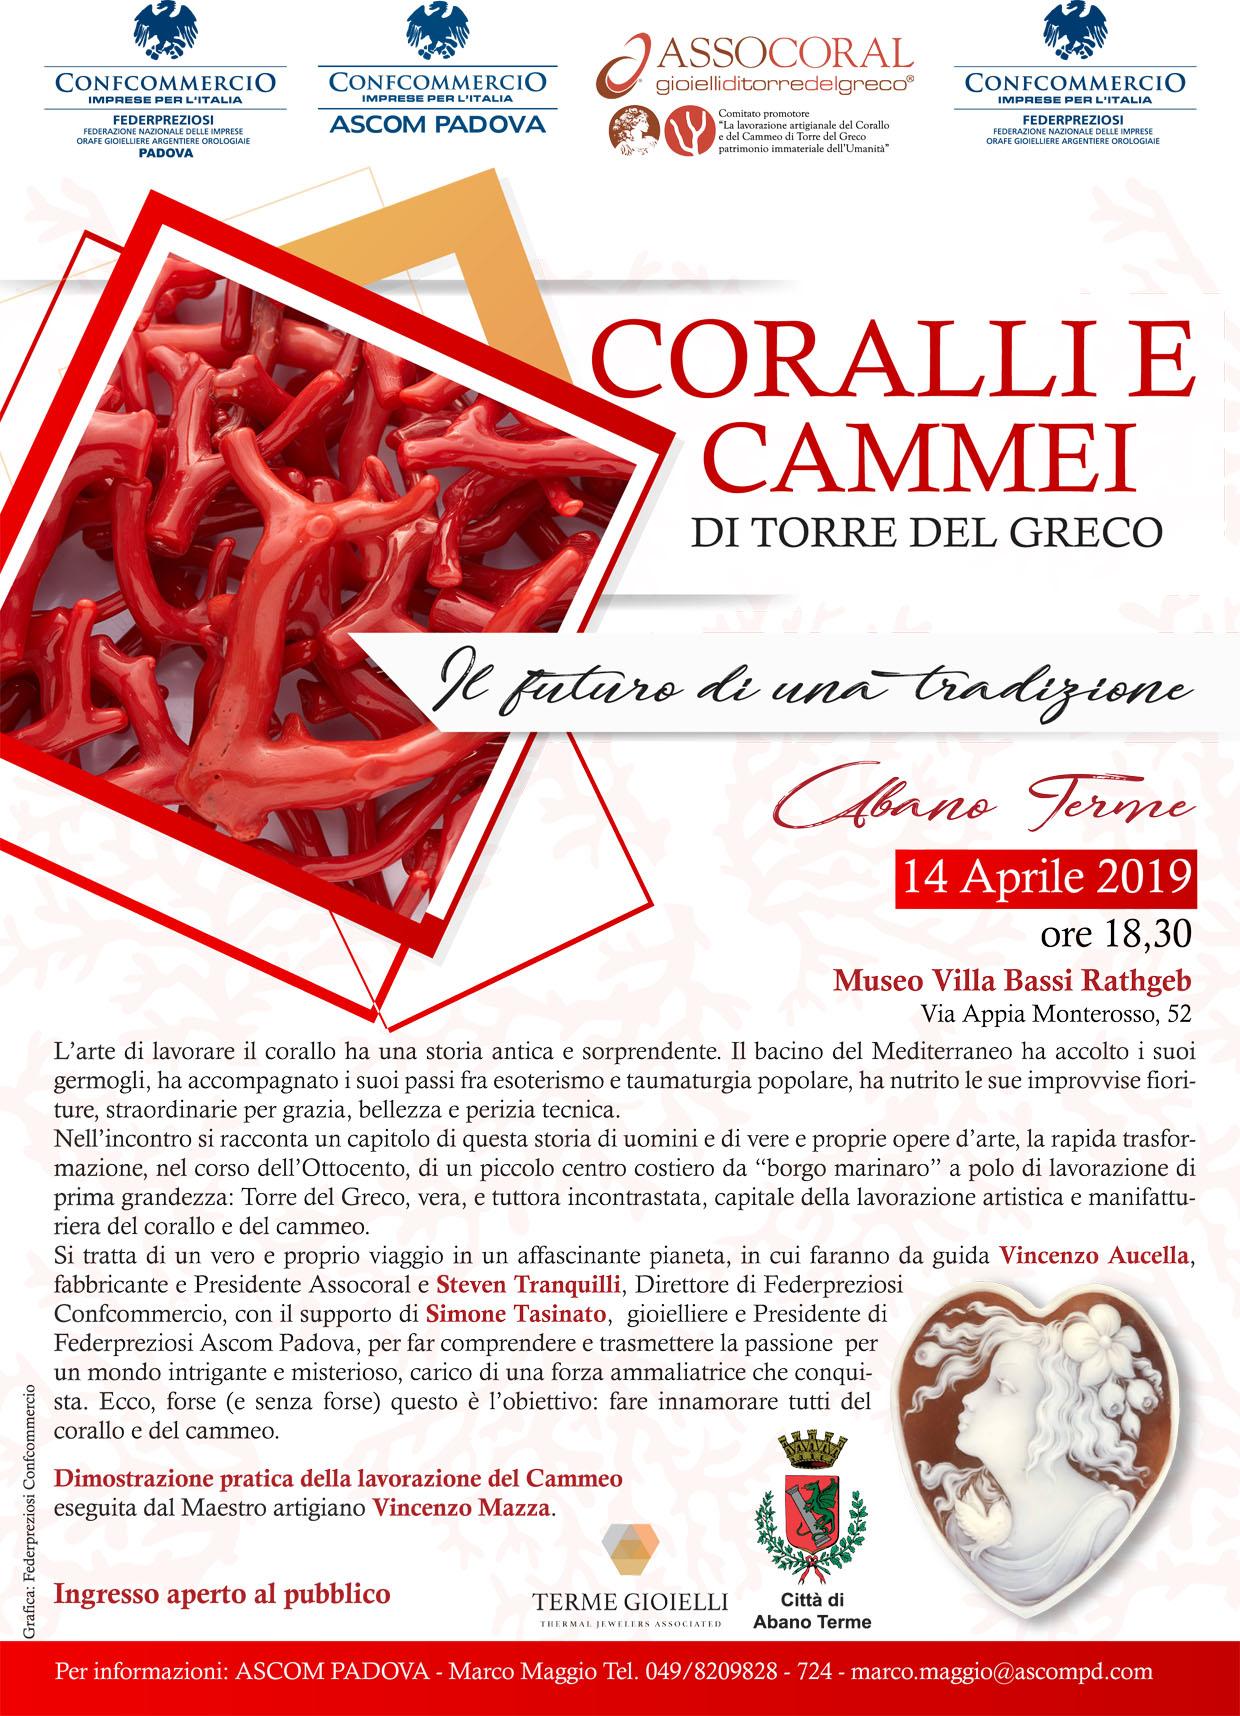 Calendario Manifestazioni Abano Terme.Abano Terme Coralli E Cammei Di Torre Del Greco